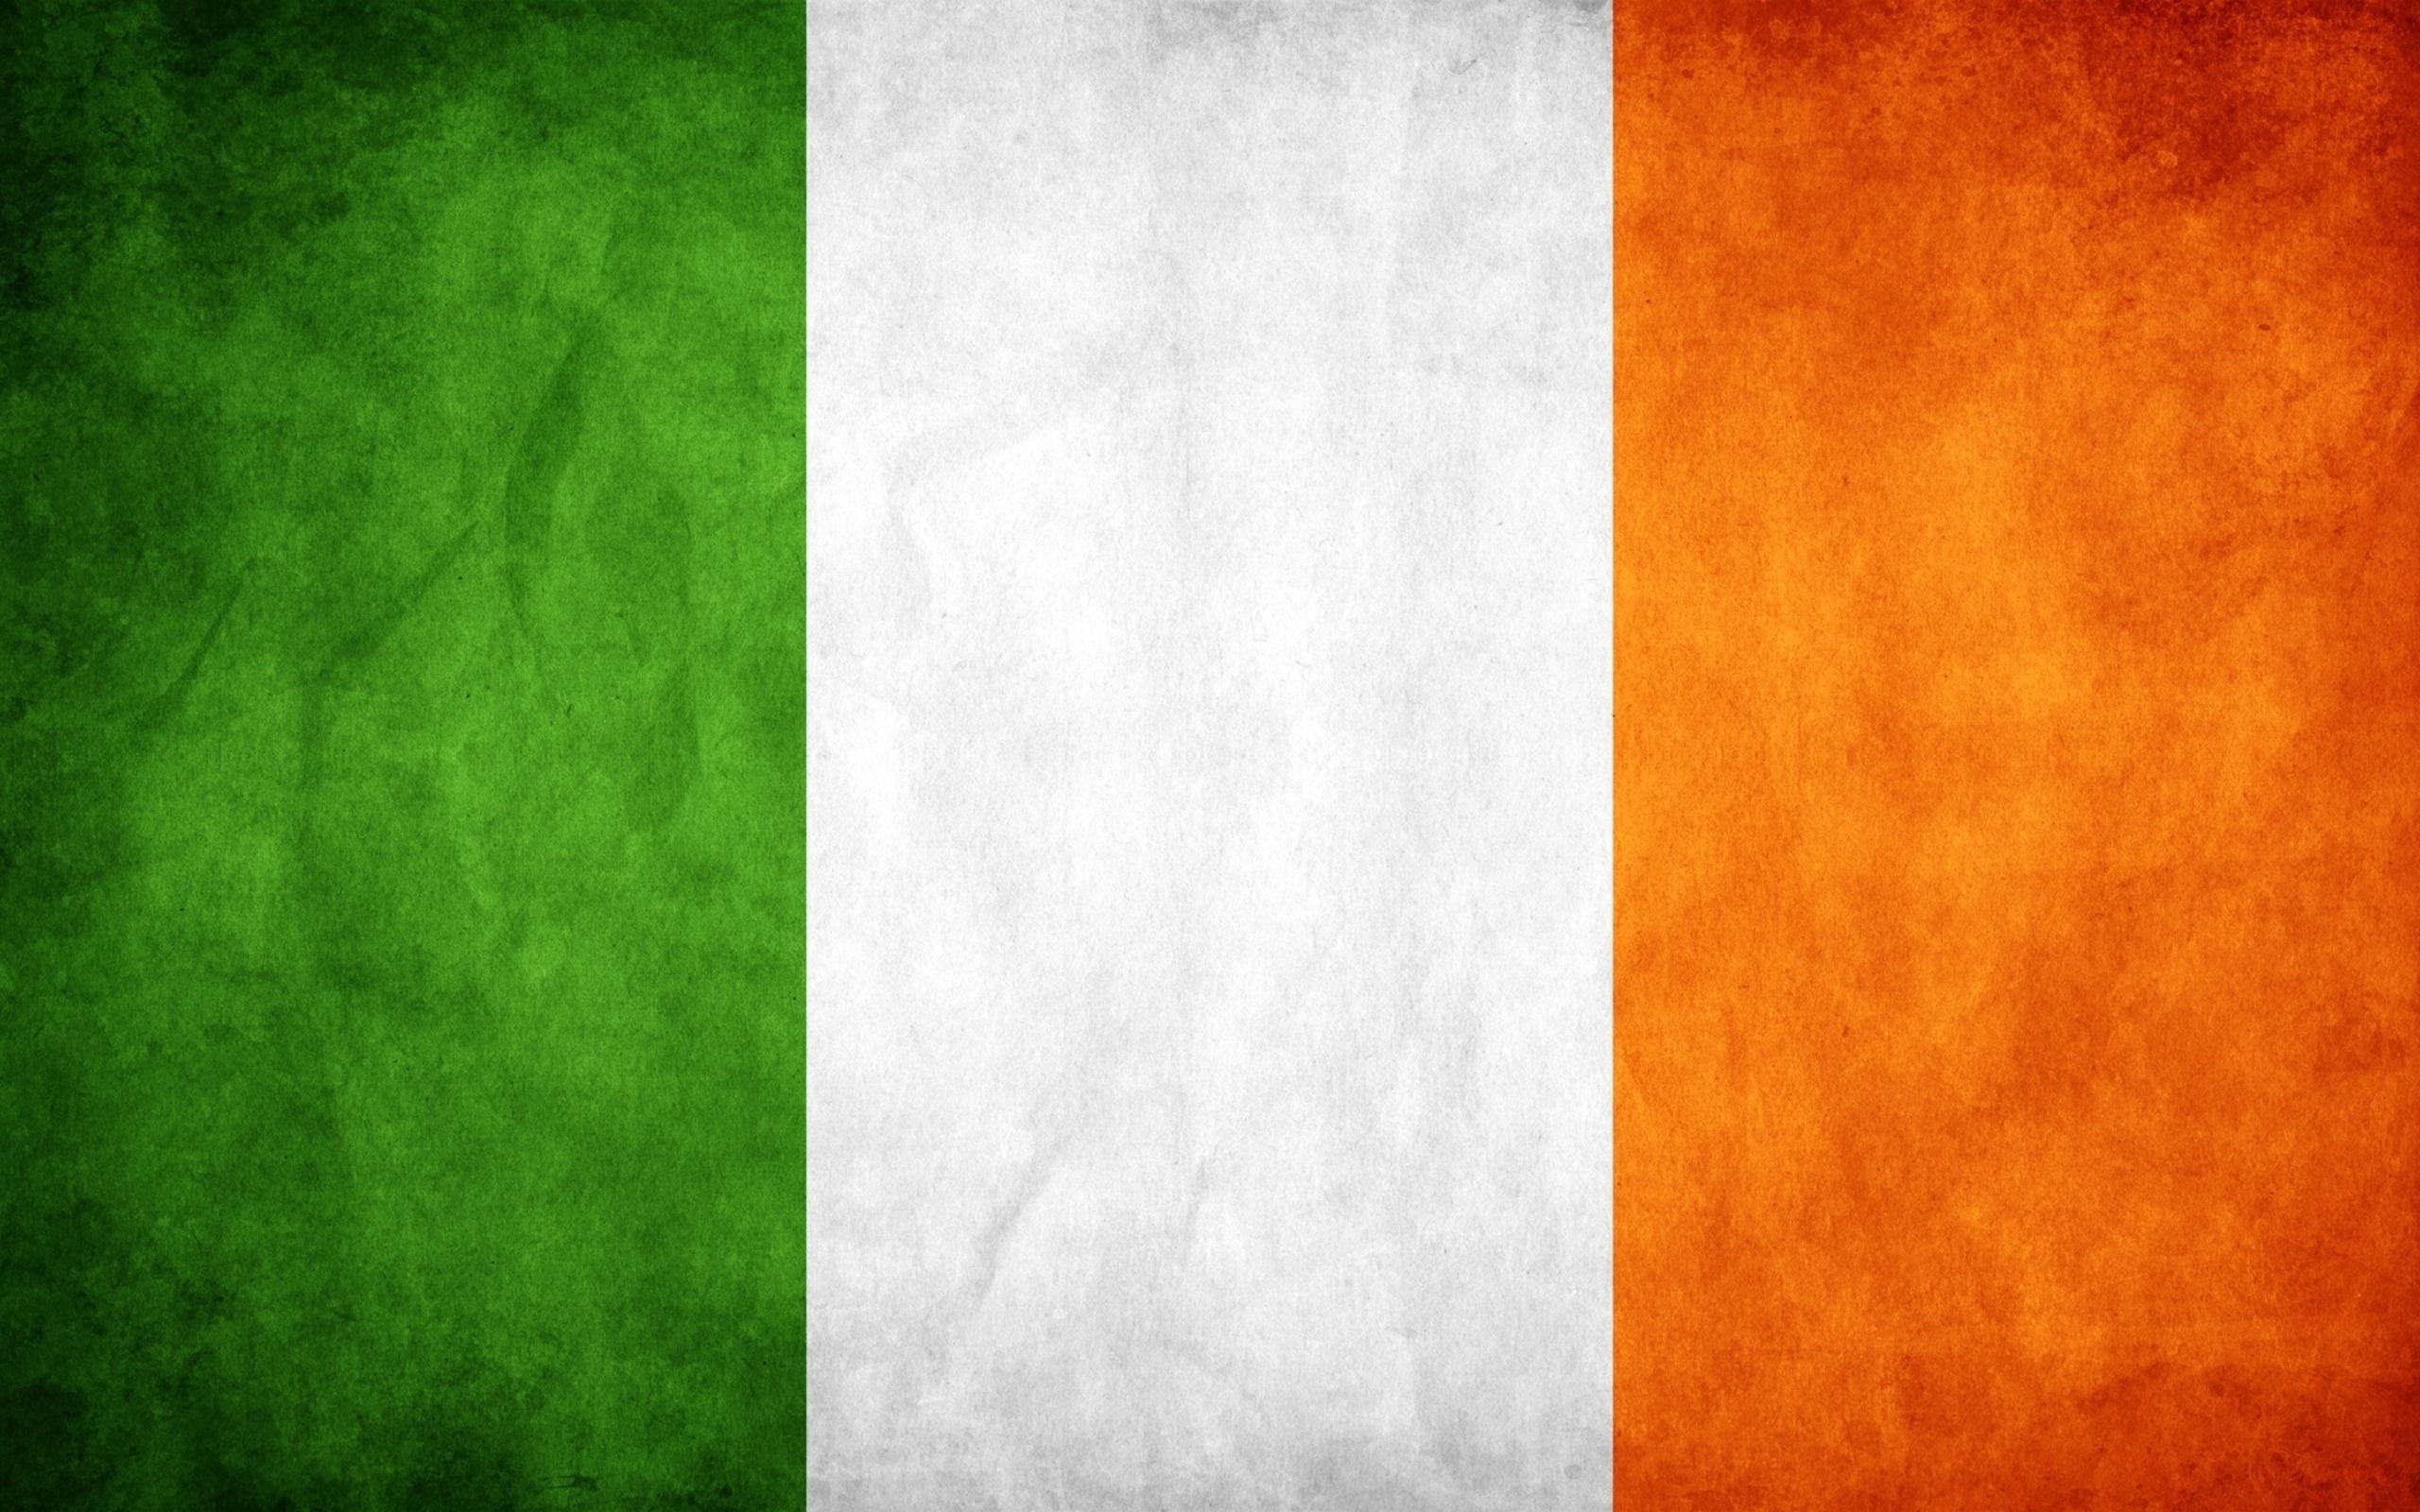 ирландский флаг картинки вам